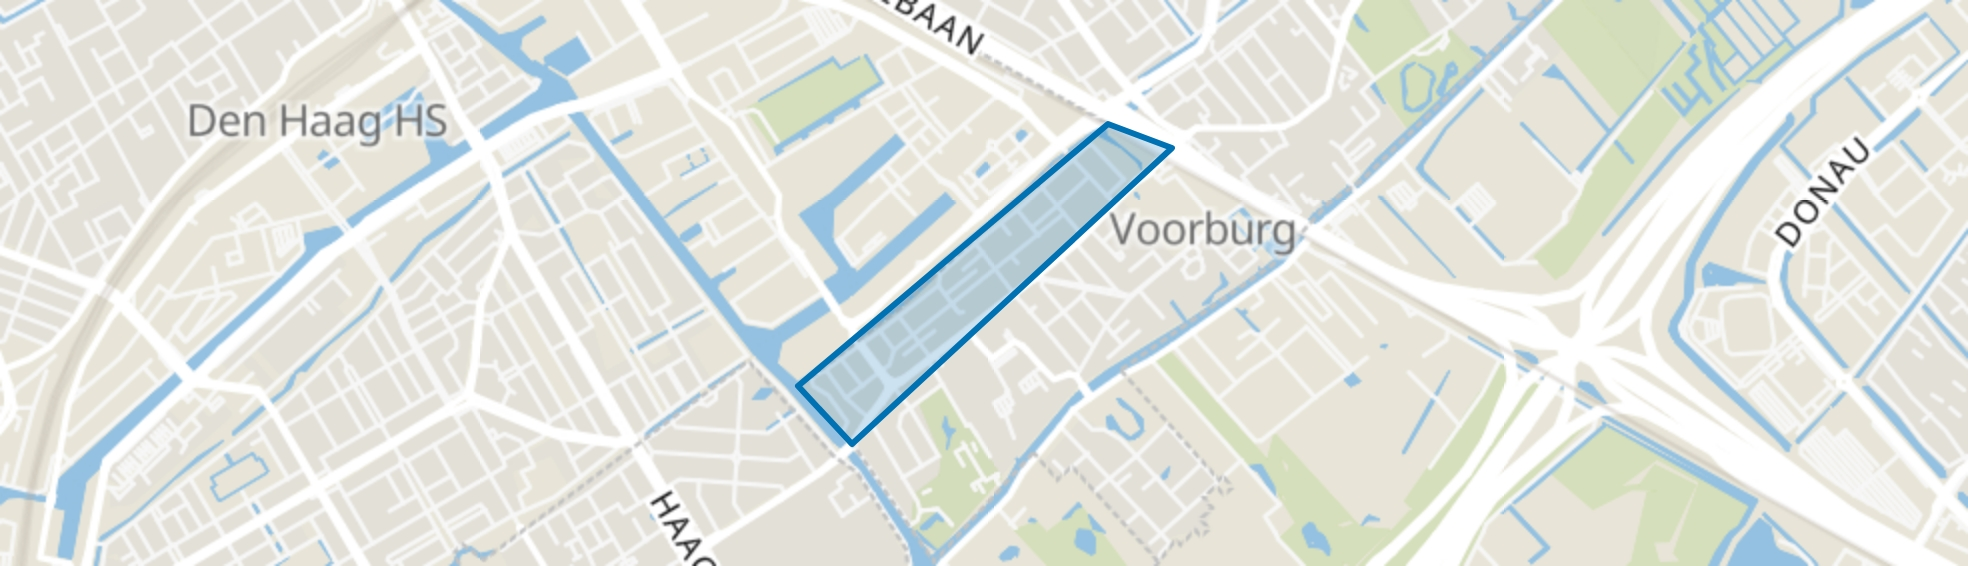 Voorburg West noord, Voorburg map